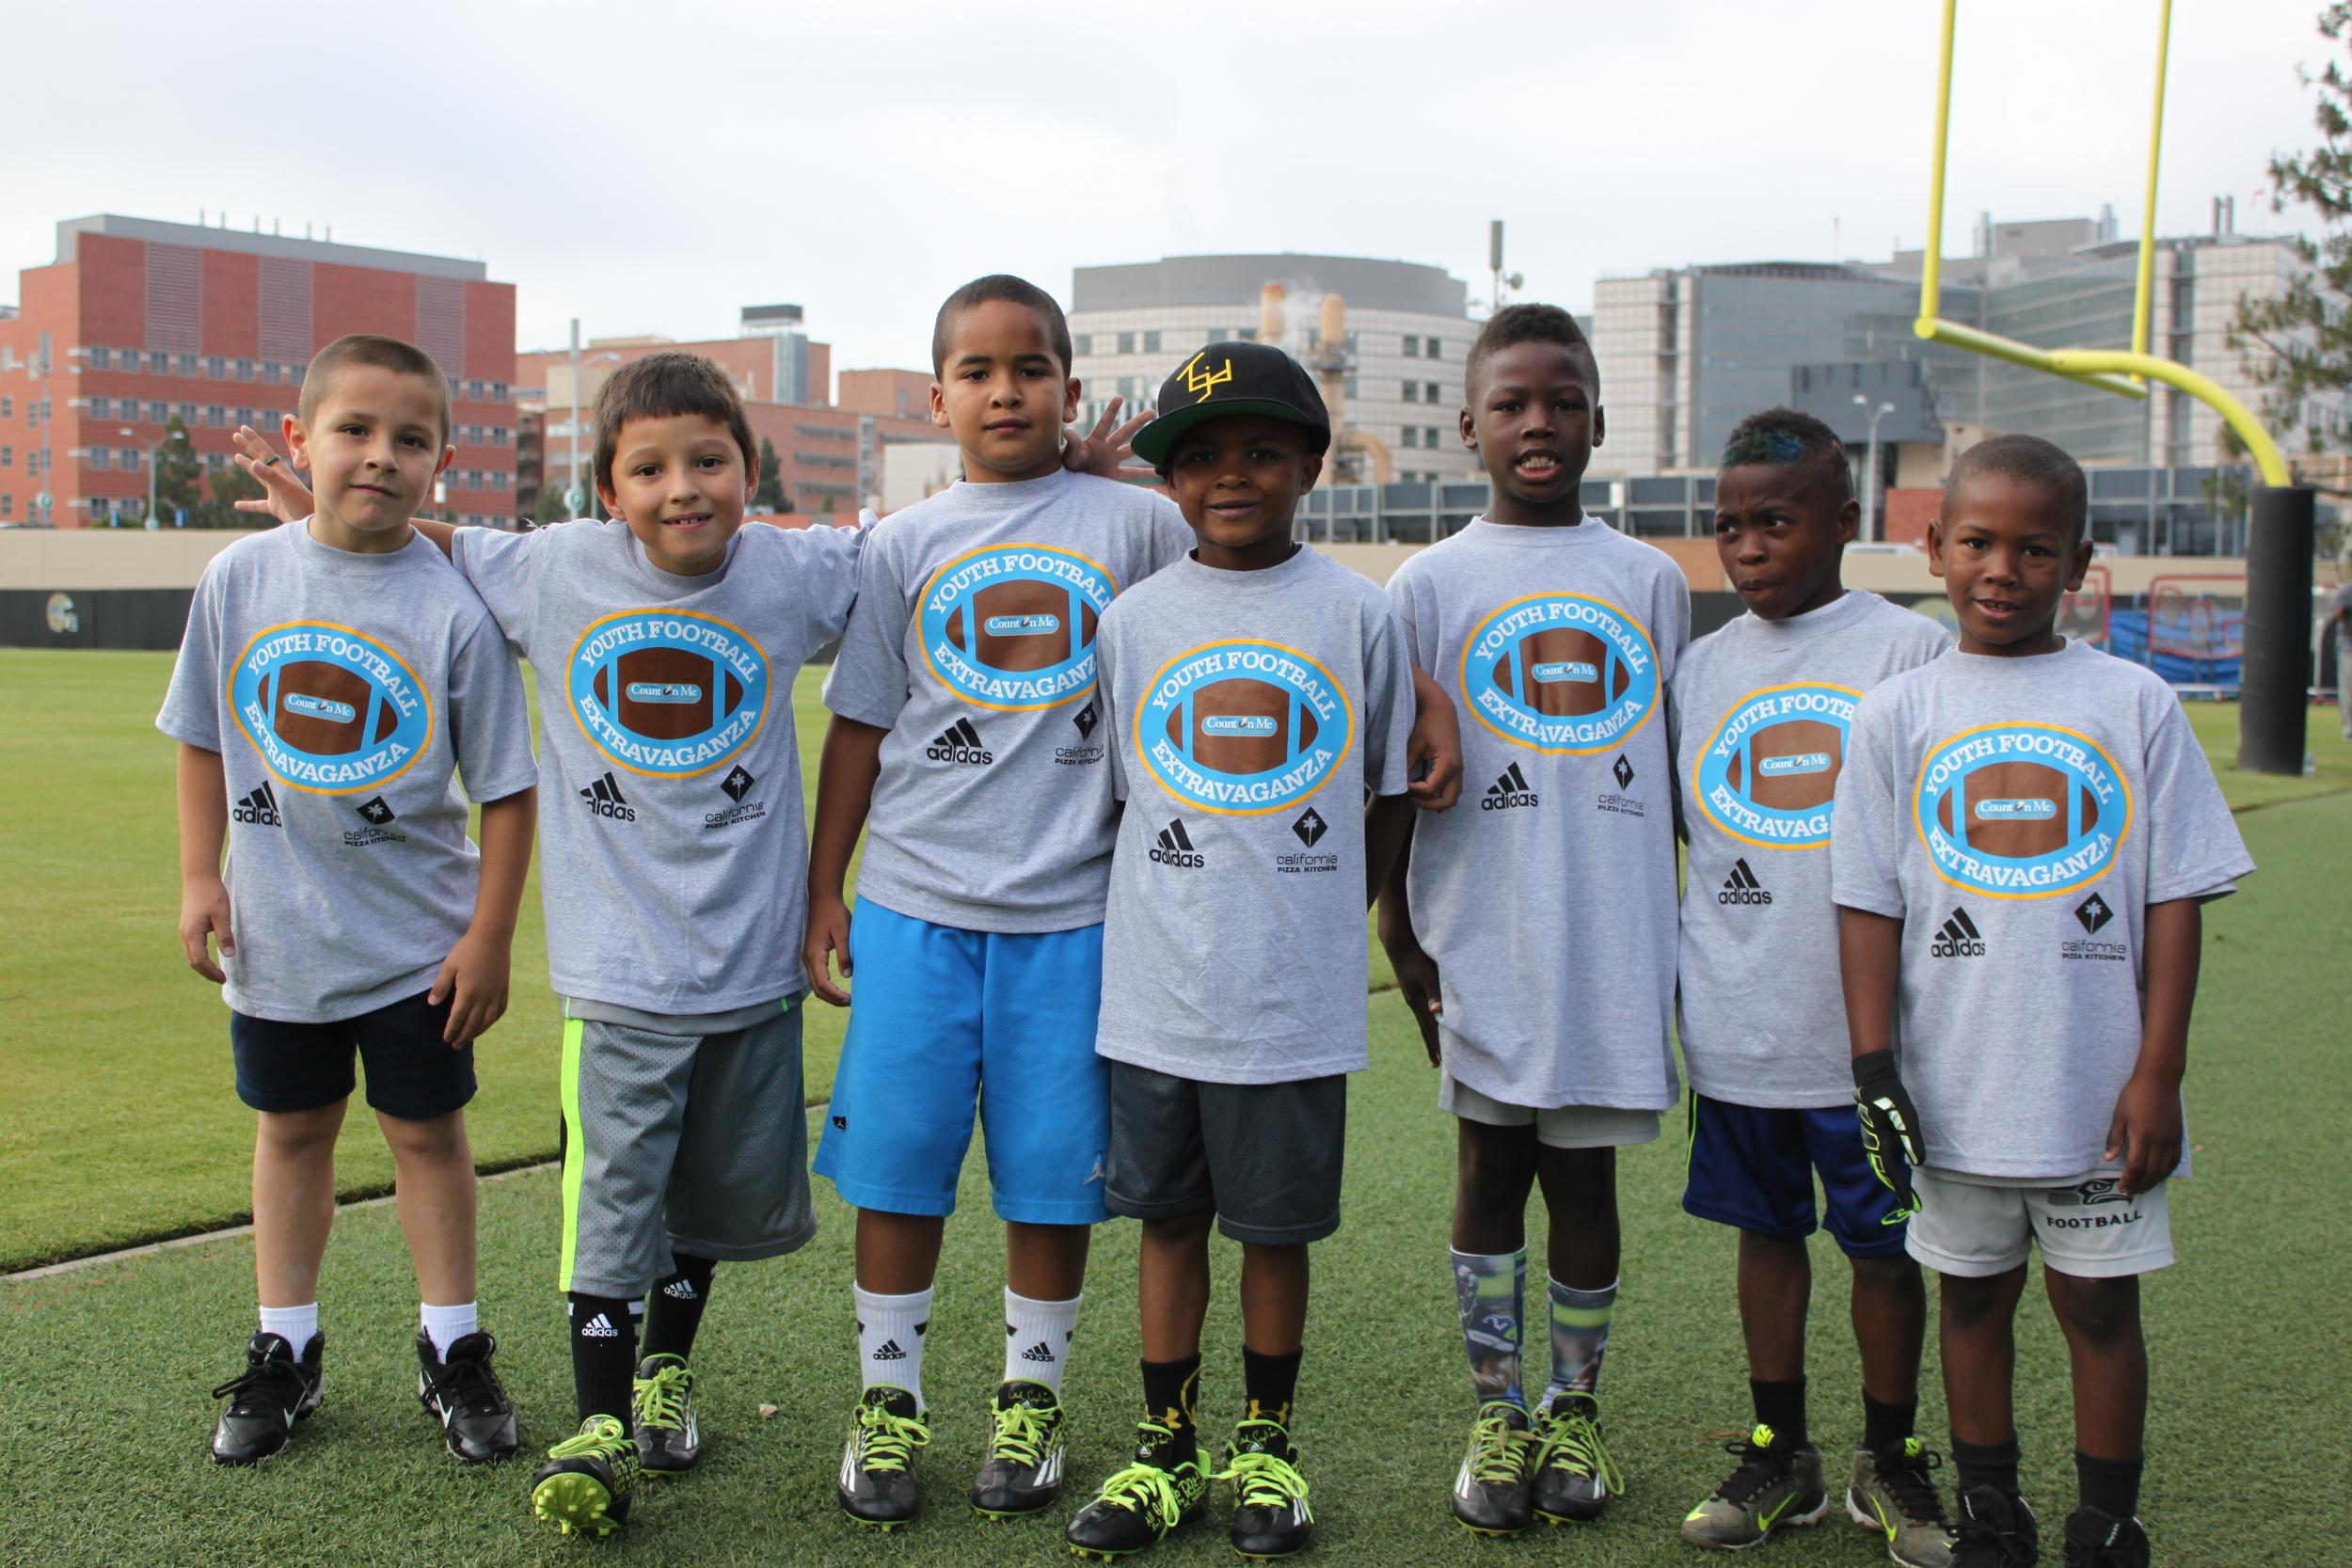 kids on field.JPG